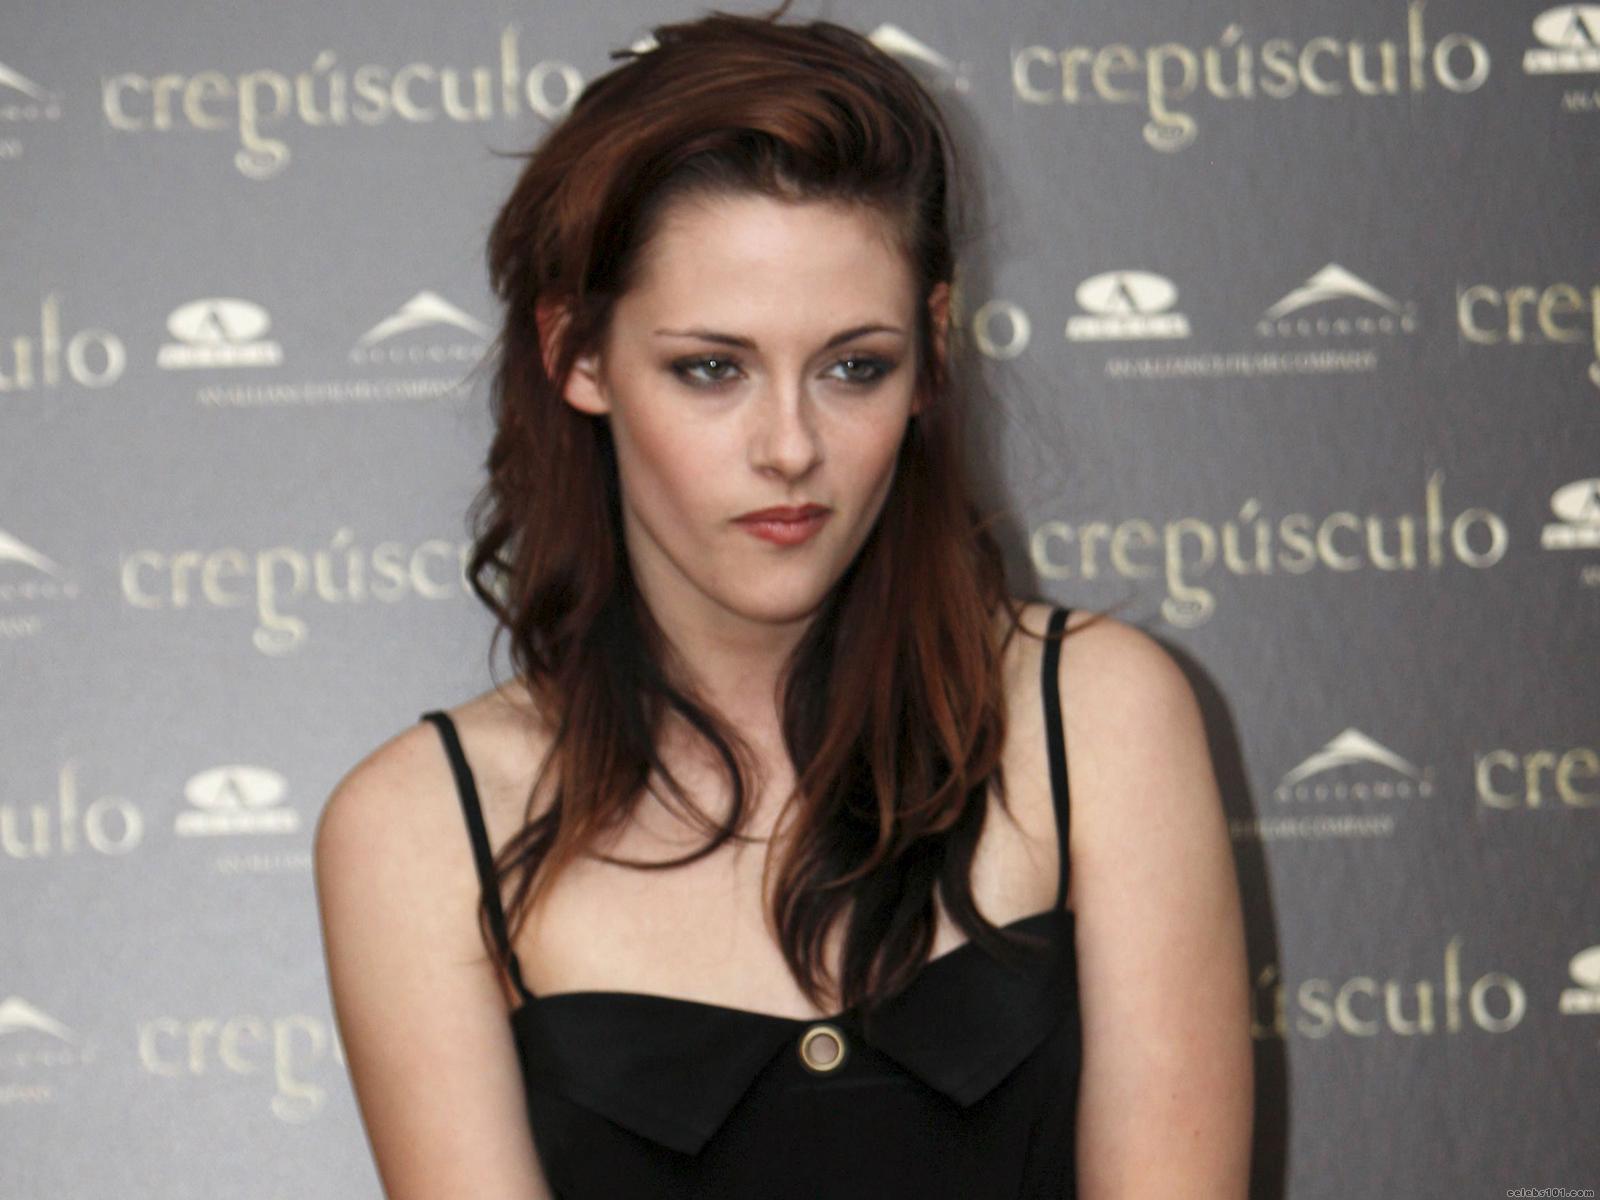 Download this Kristen Stewart Wallpaper Seadrazozo picture